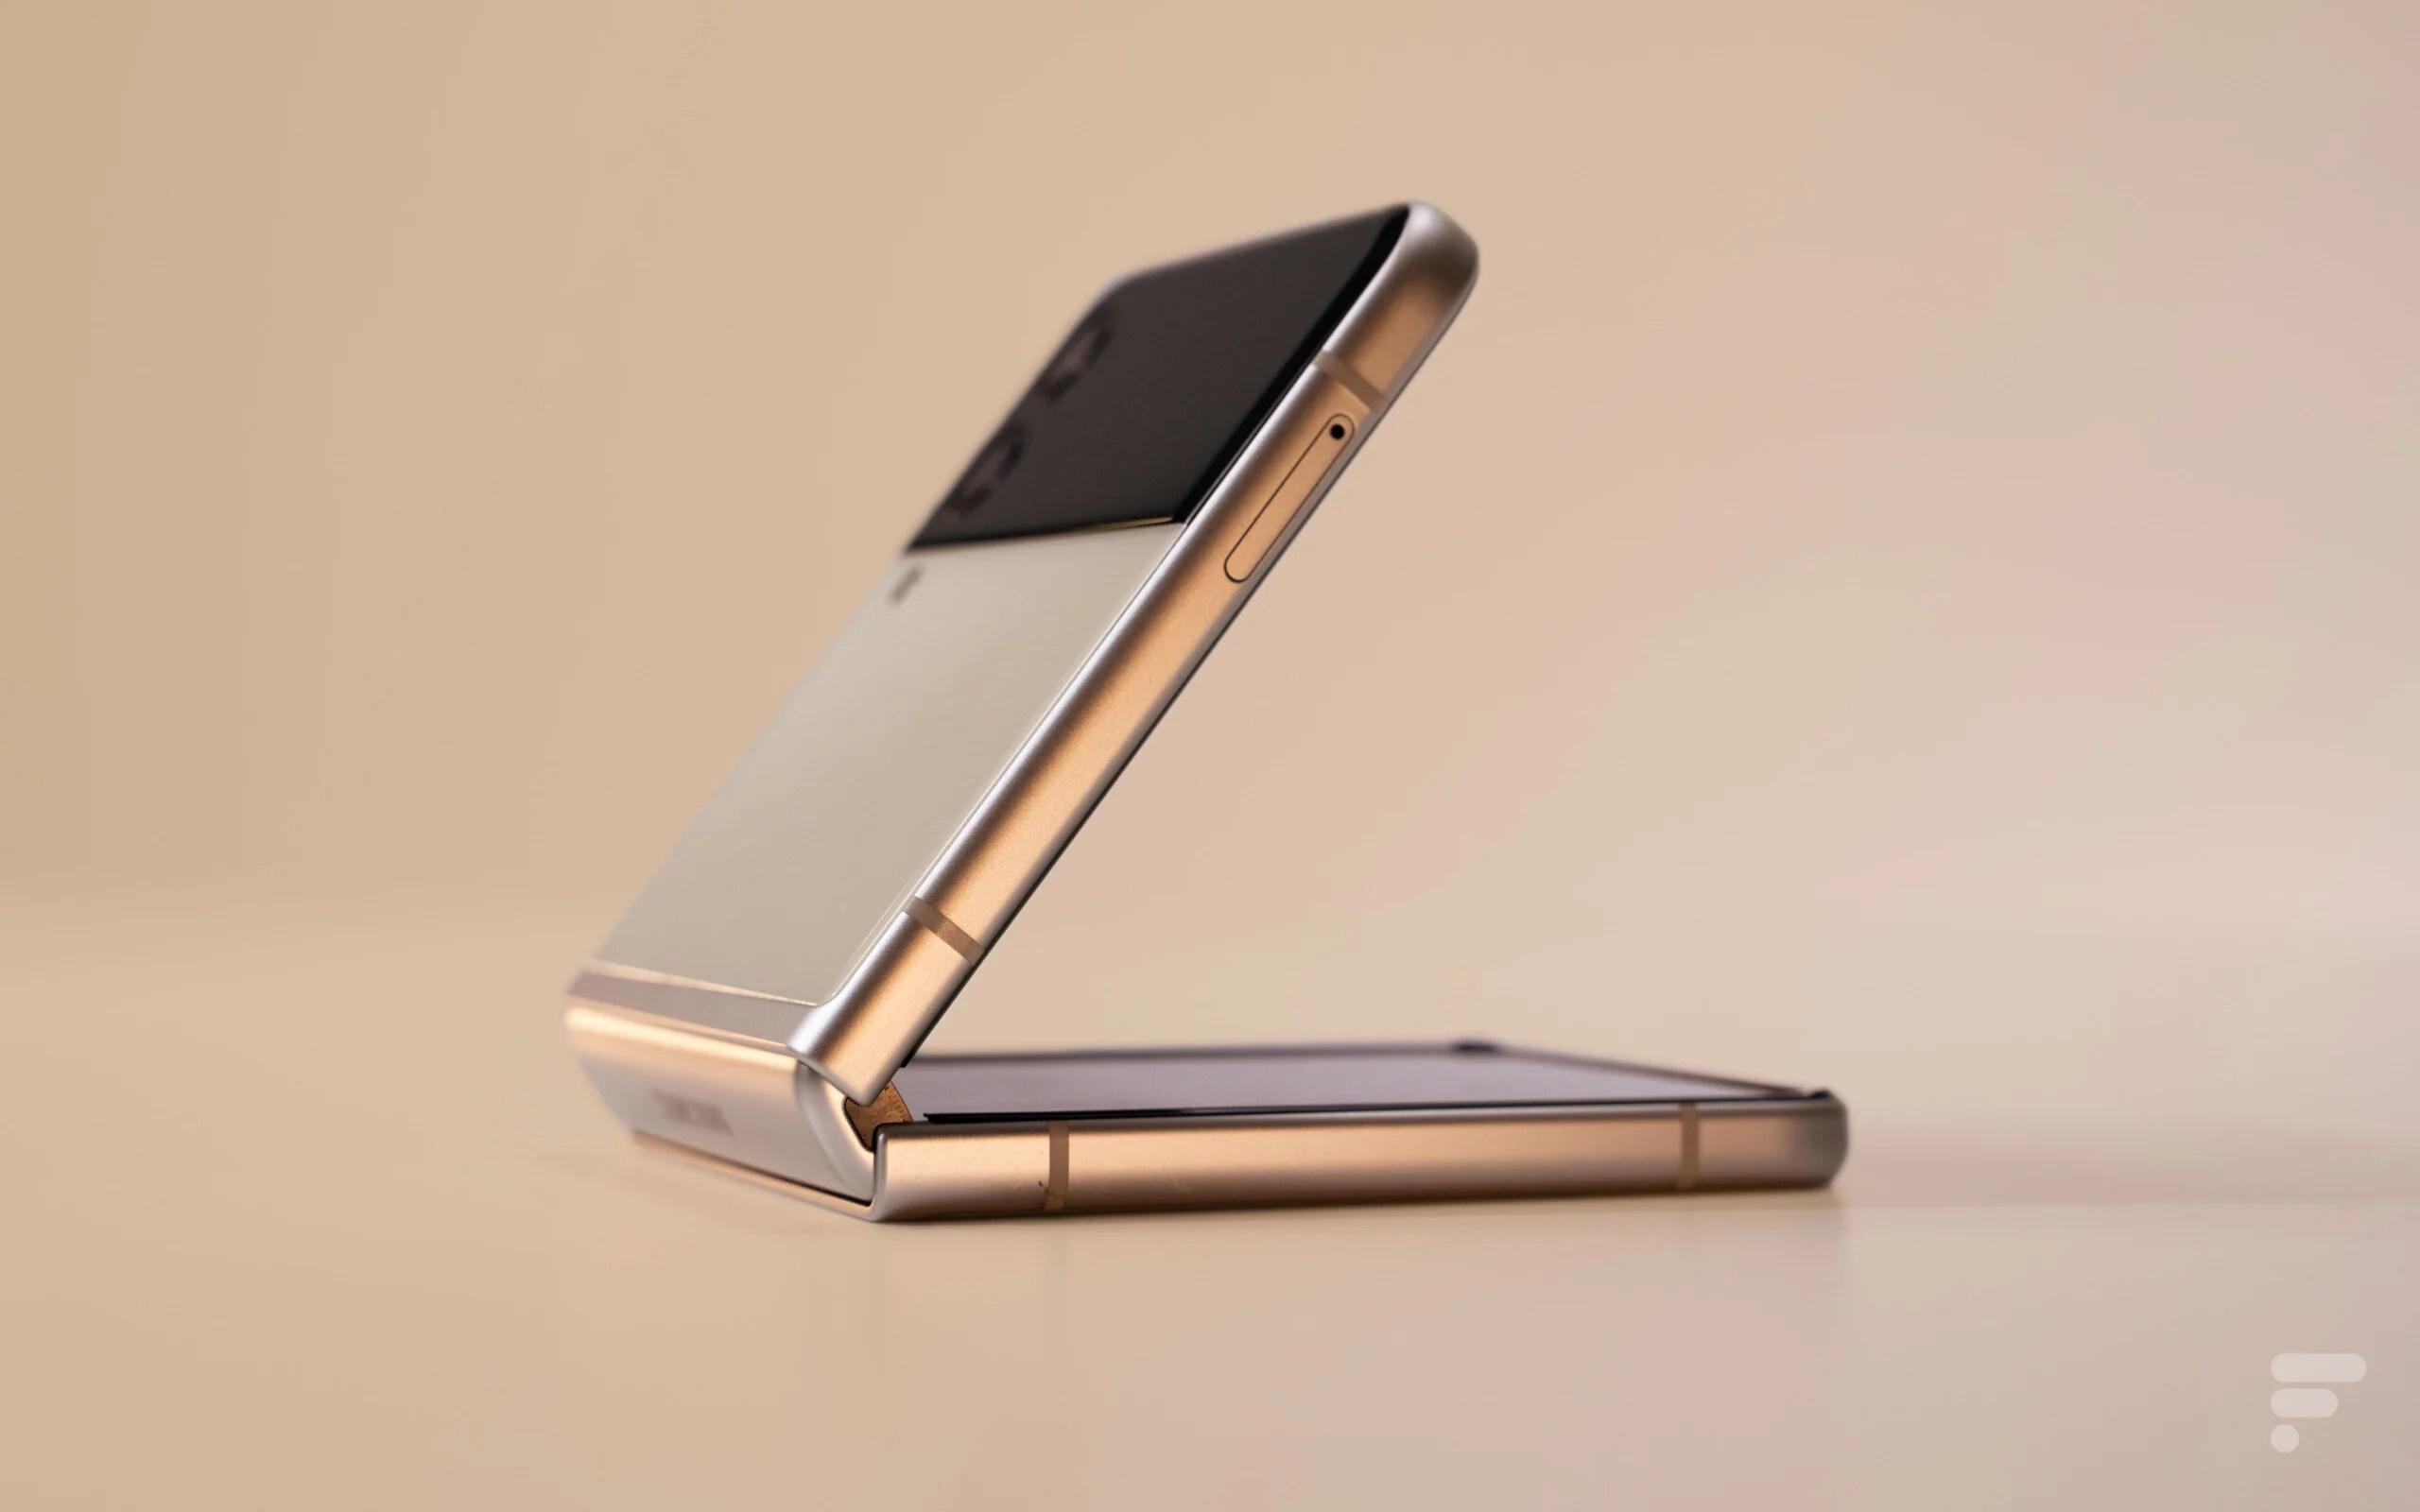 Le Samsung Galaxy Z Flip 3 est encore plus beau avec 200 € de réduction